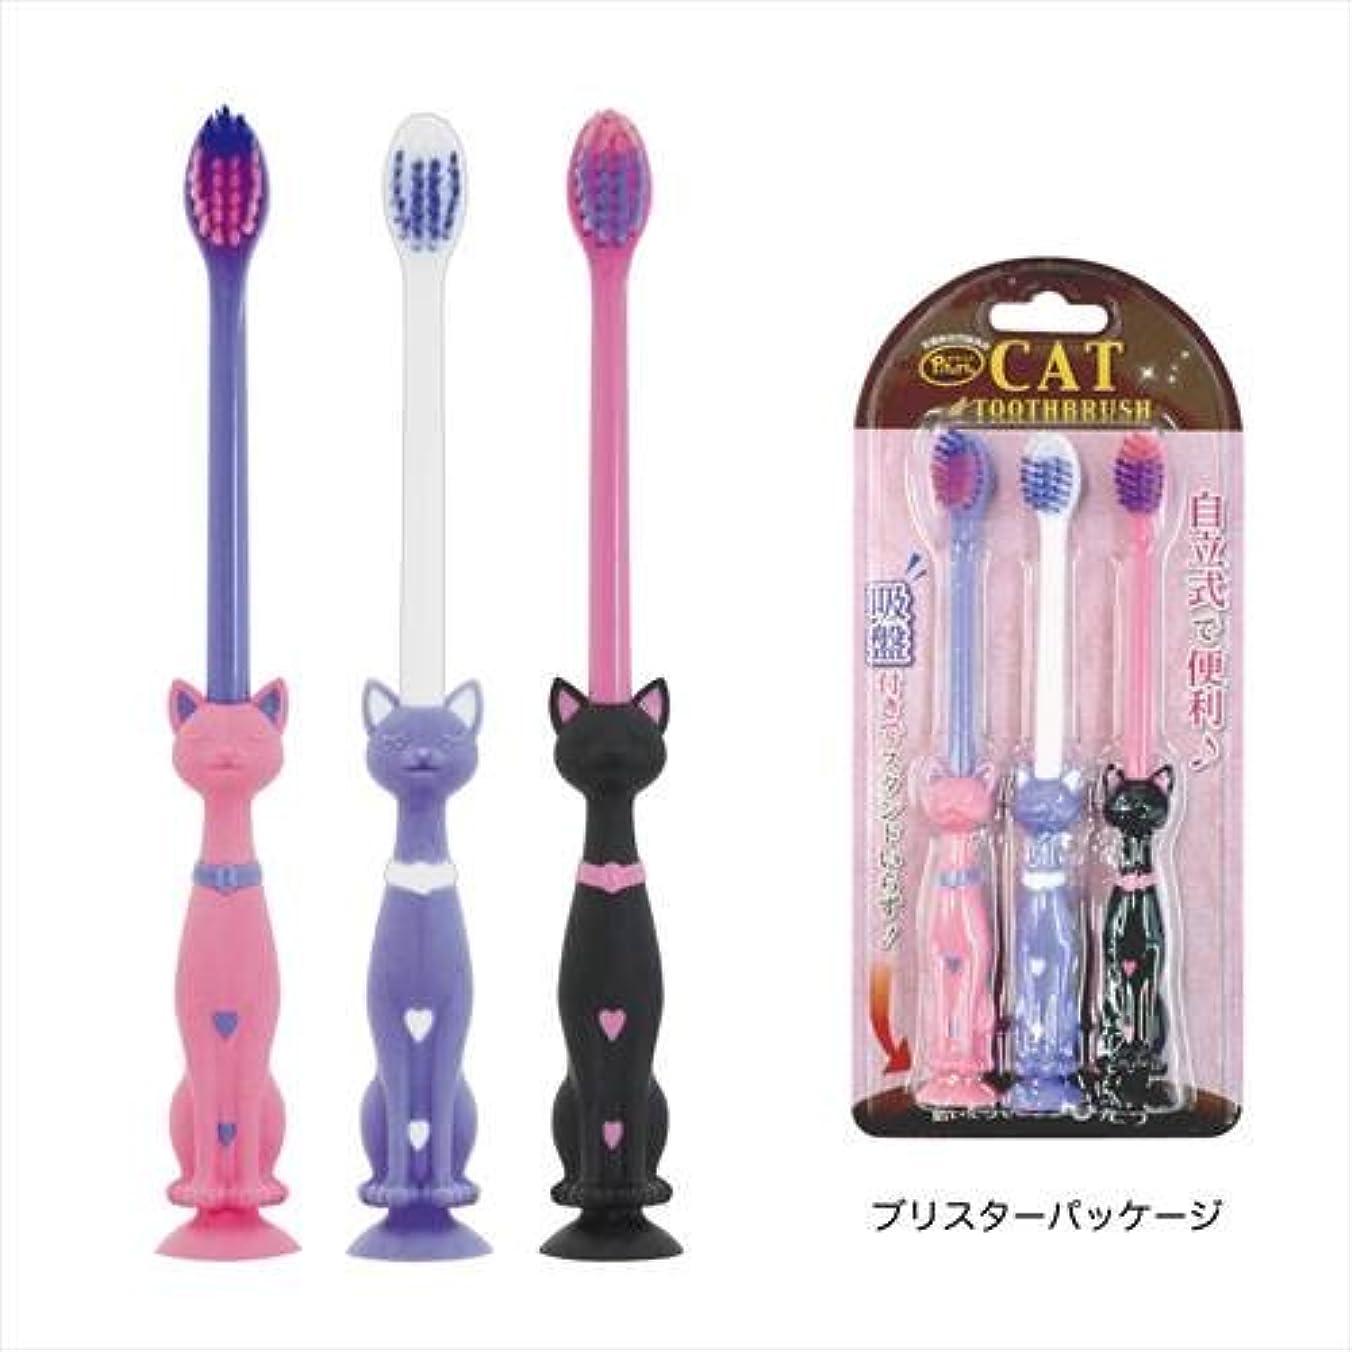 冷蔵庫抜け目がない逆さまにファニー歯ブラシ ネコ 3本セット